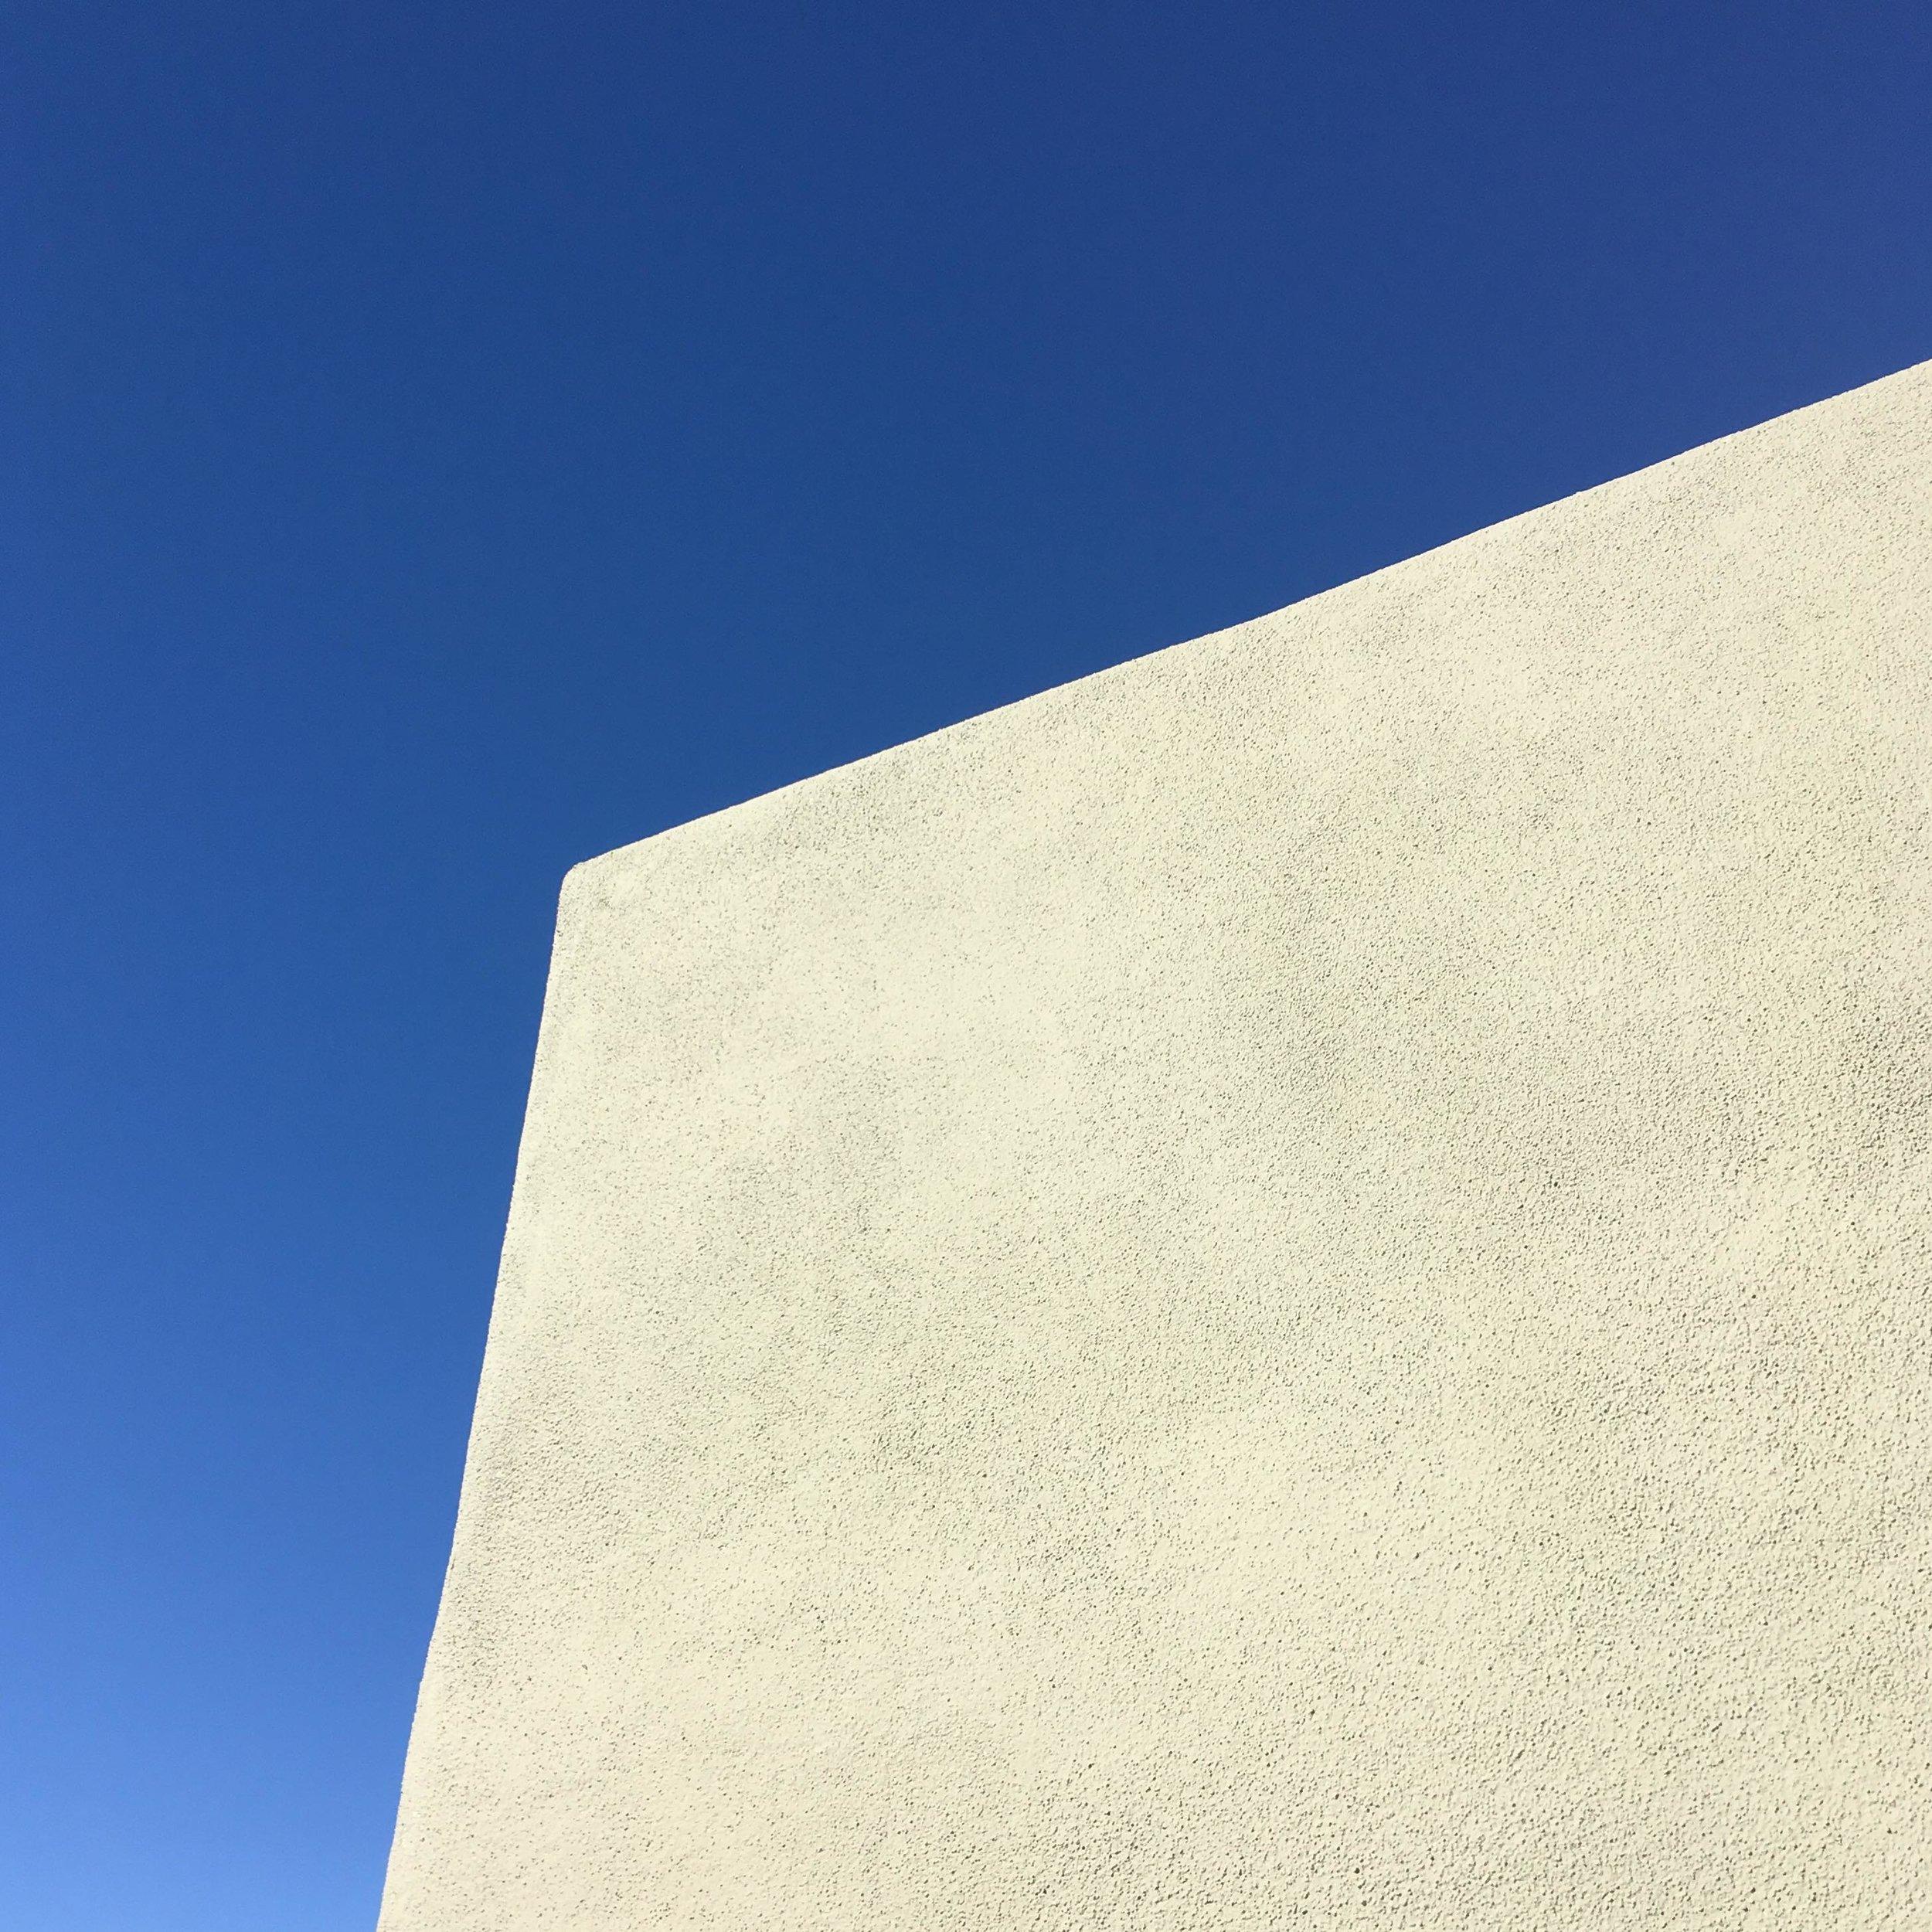 sky-corner.jpg